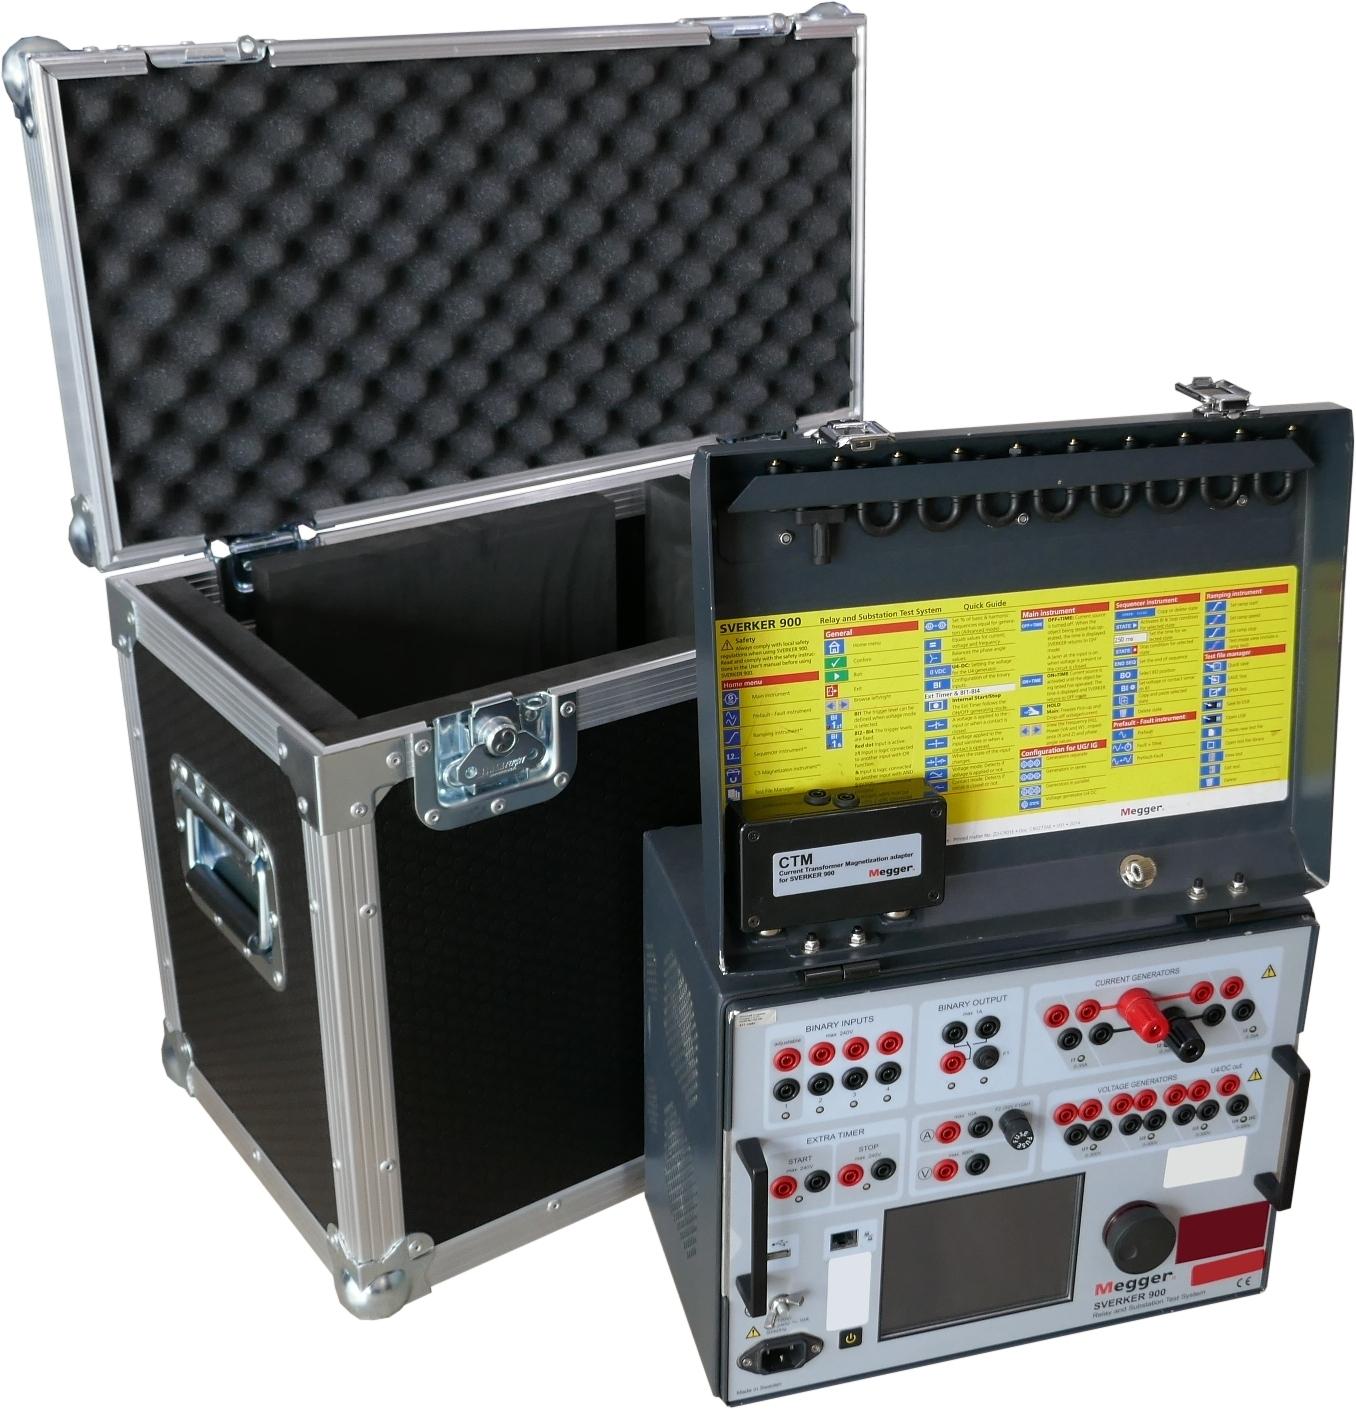 Testing Equipment Cases